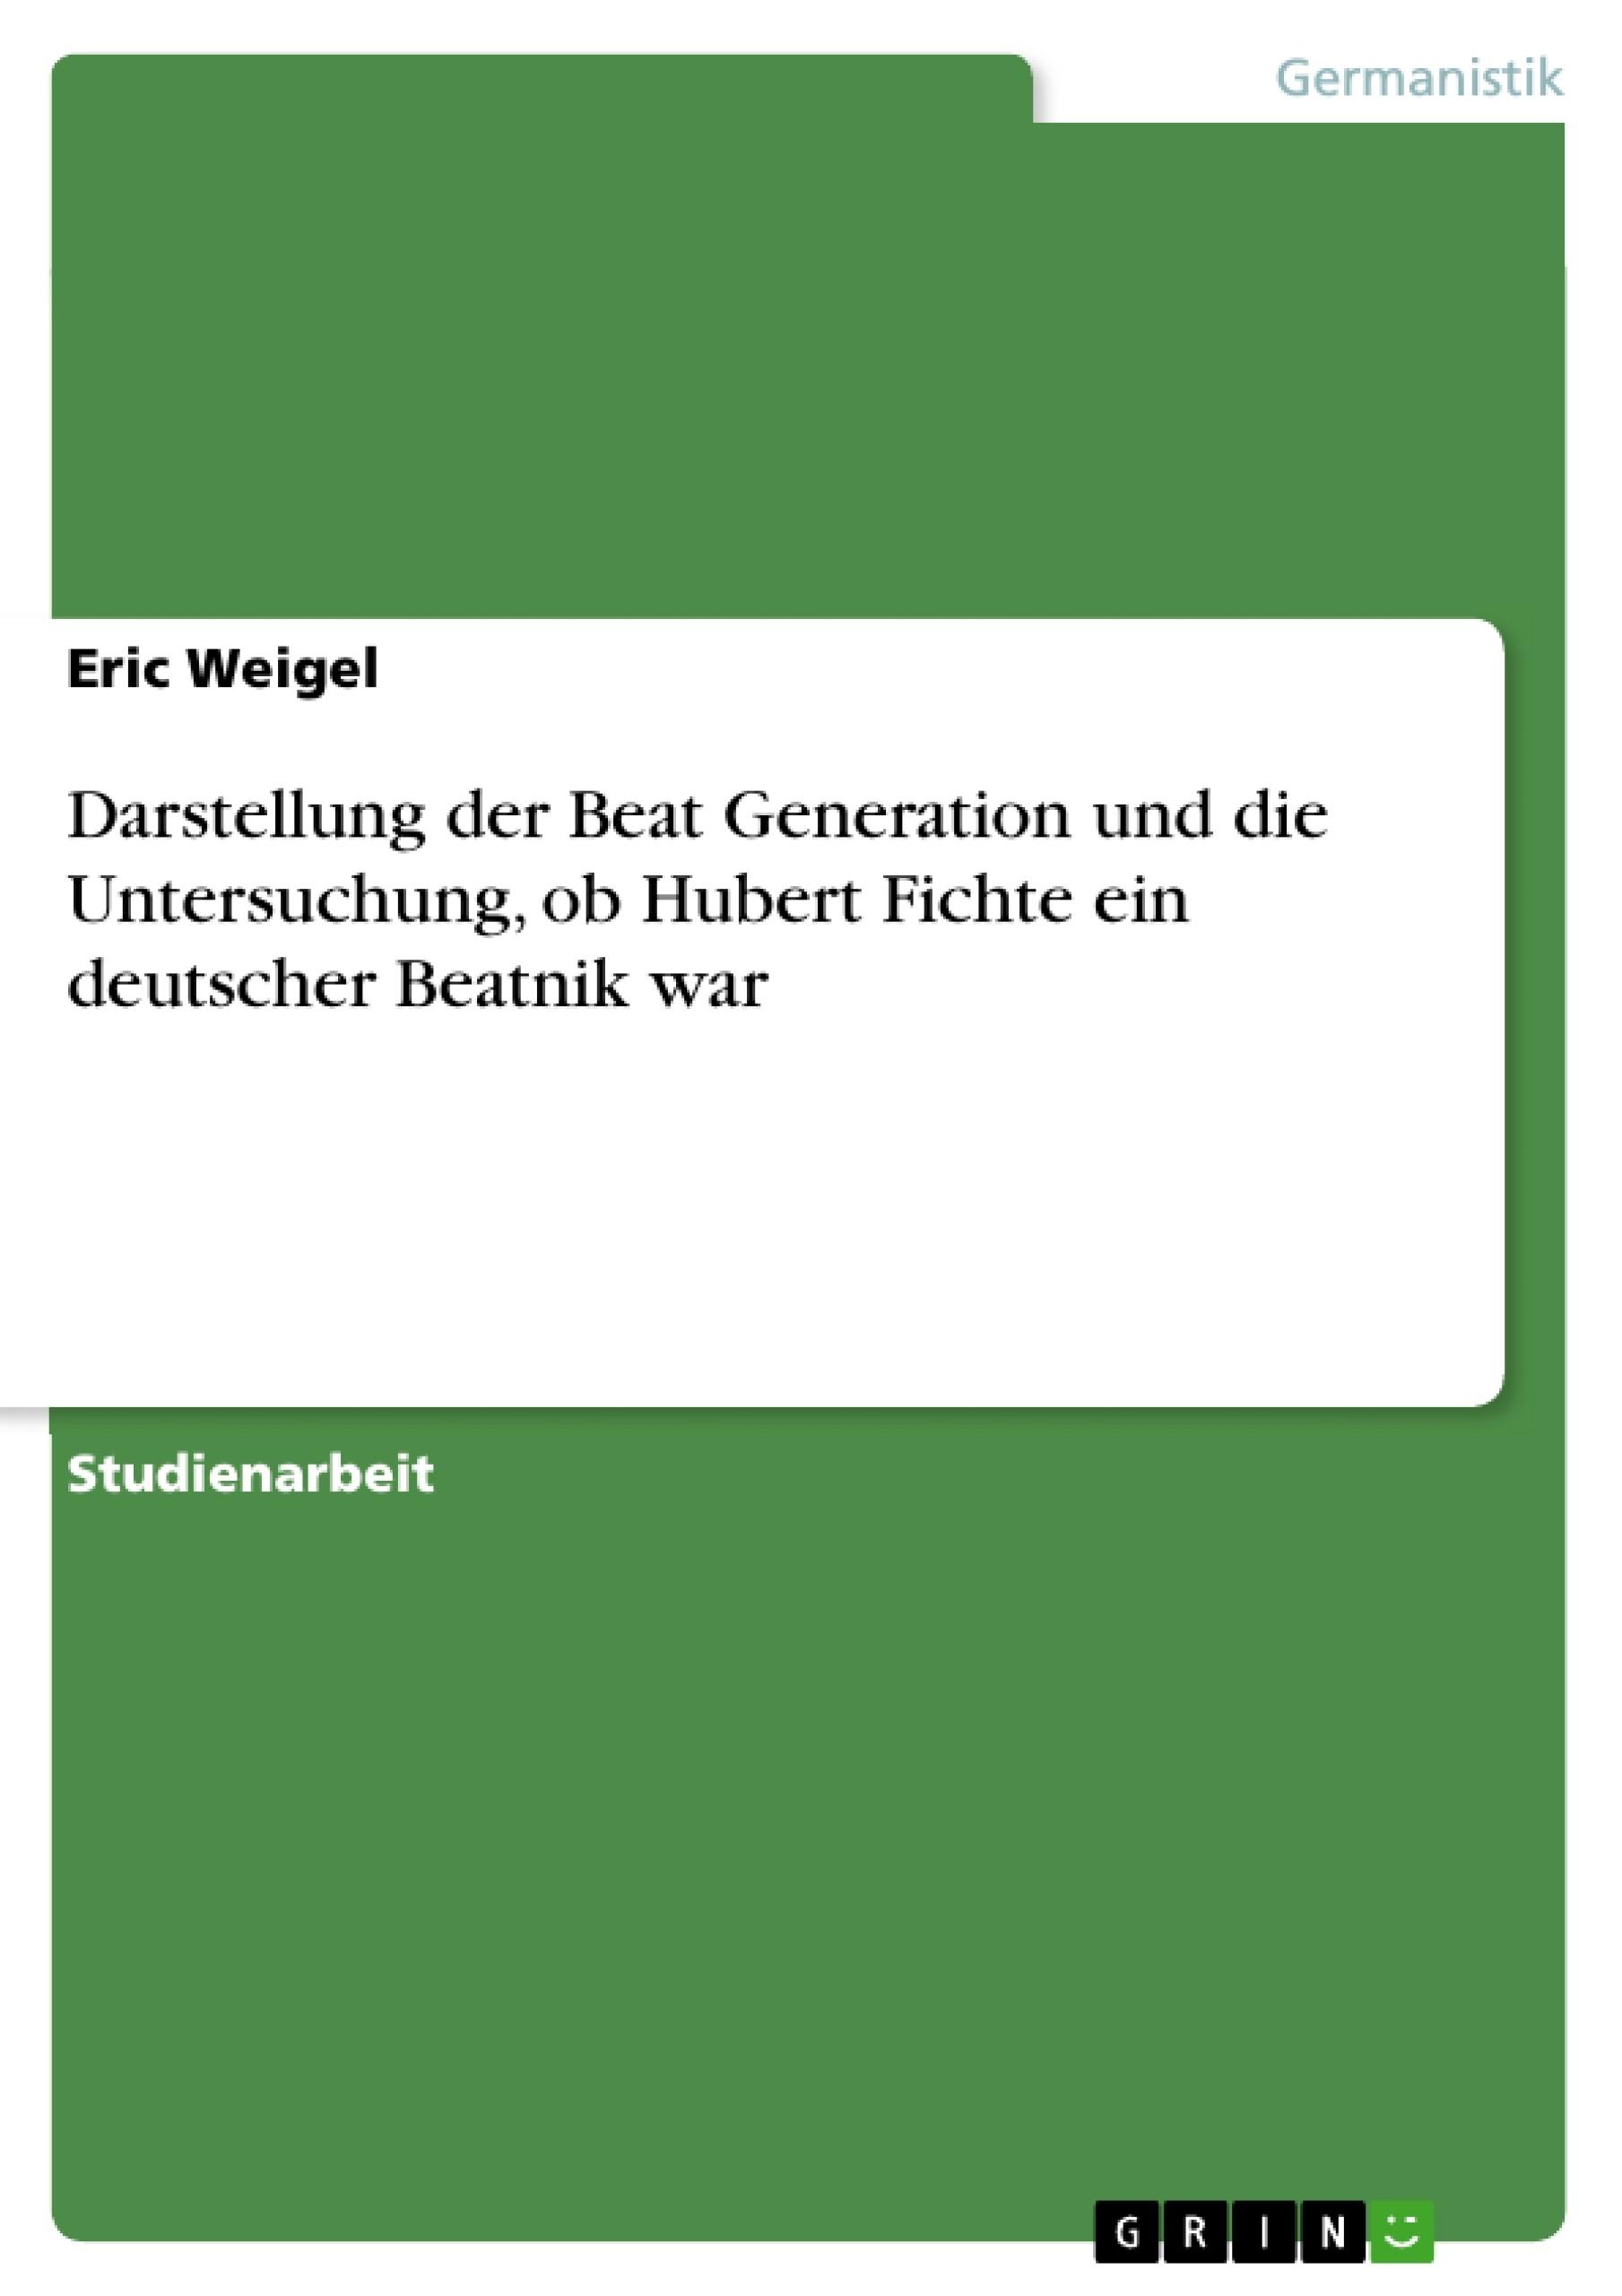 Titel: Darstellung der Beat Generation und die Untersuchung, ob Hubert Fichte ein deutscher Beatnik war